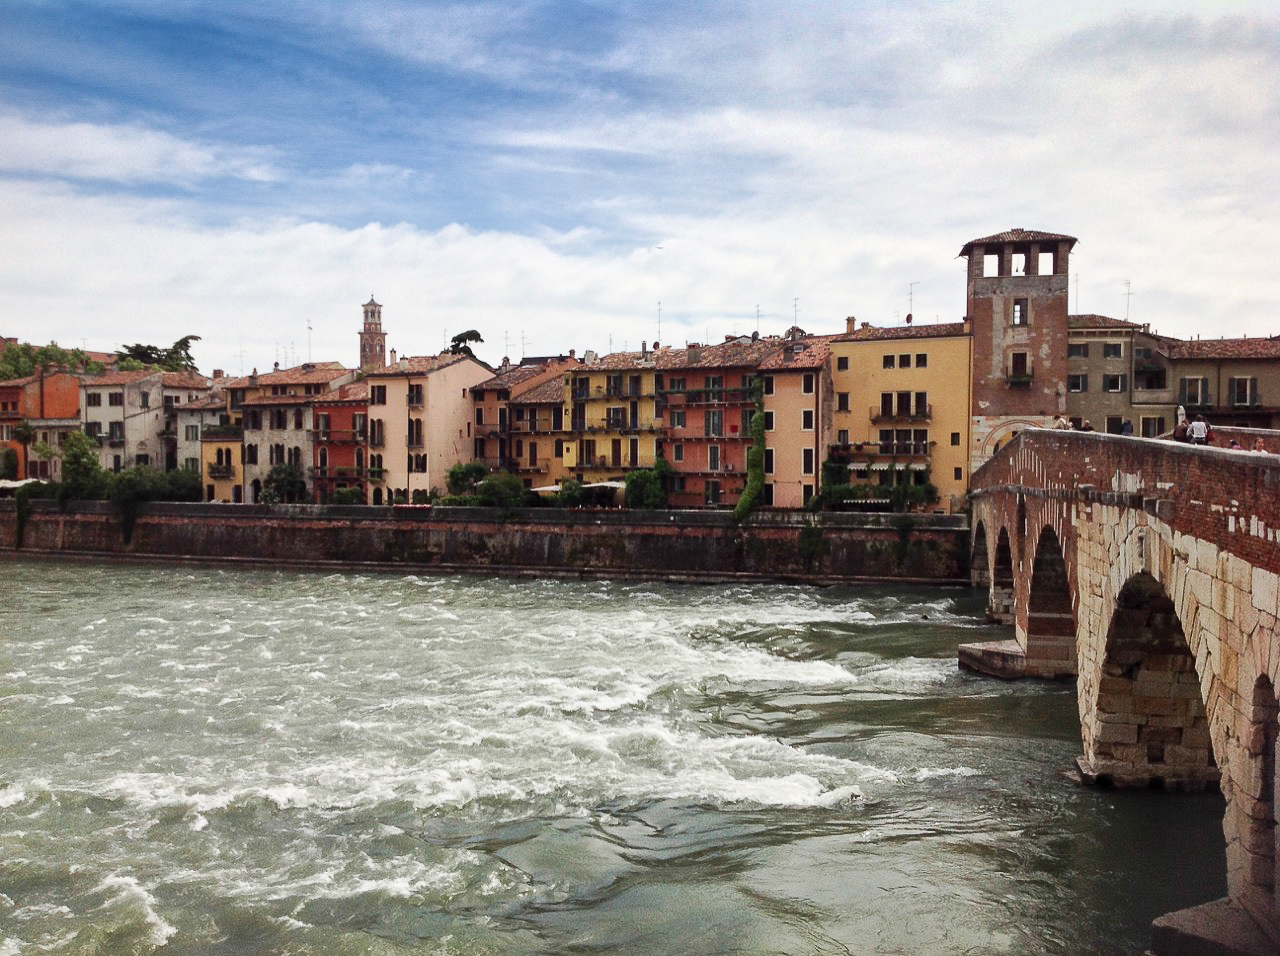 Fast waters of Adige